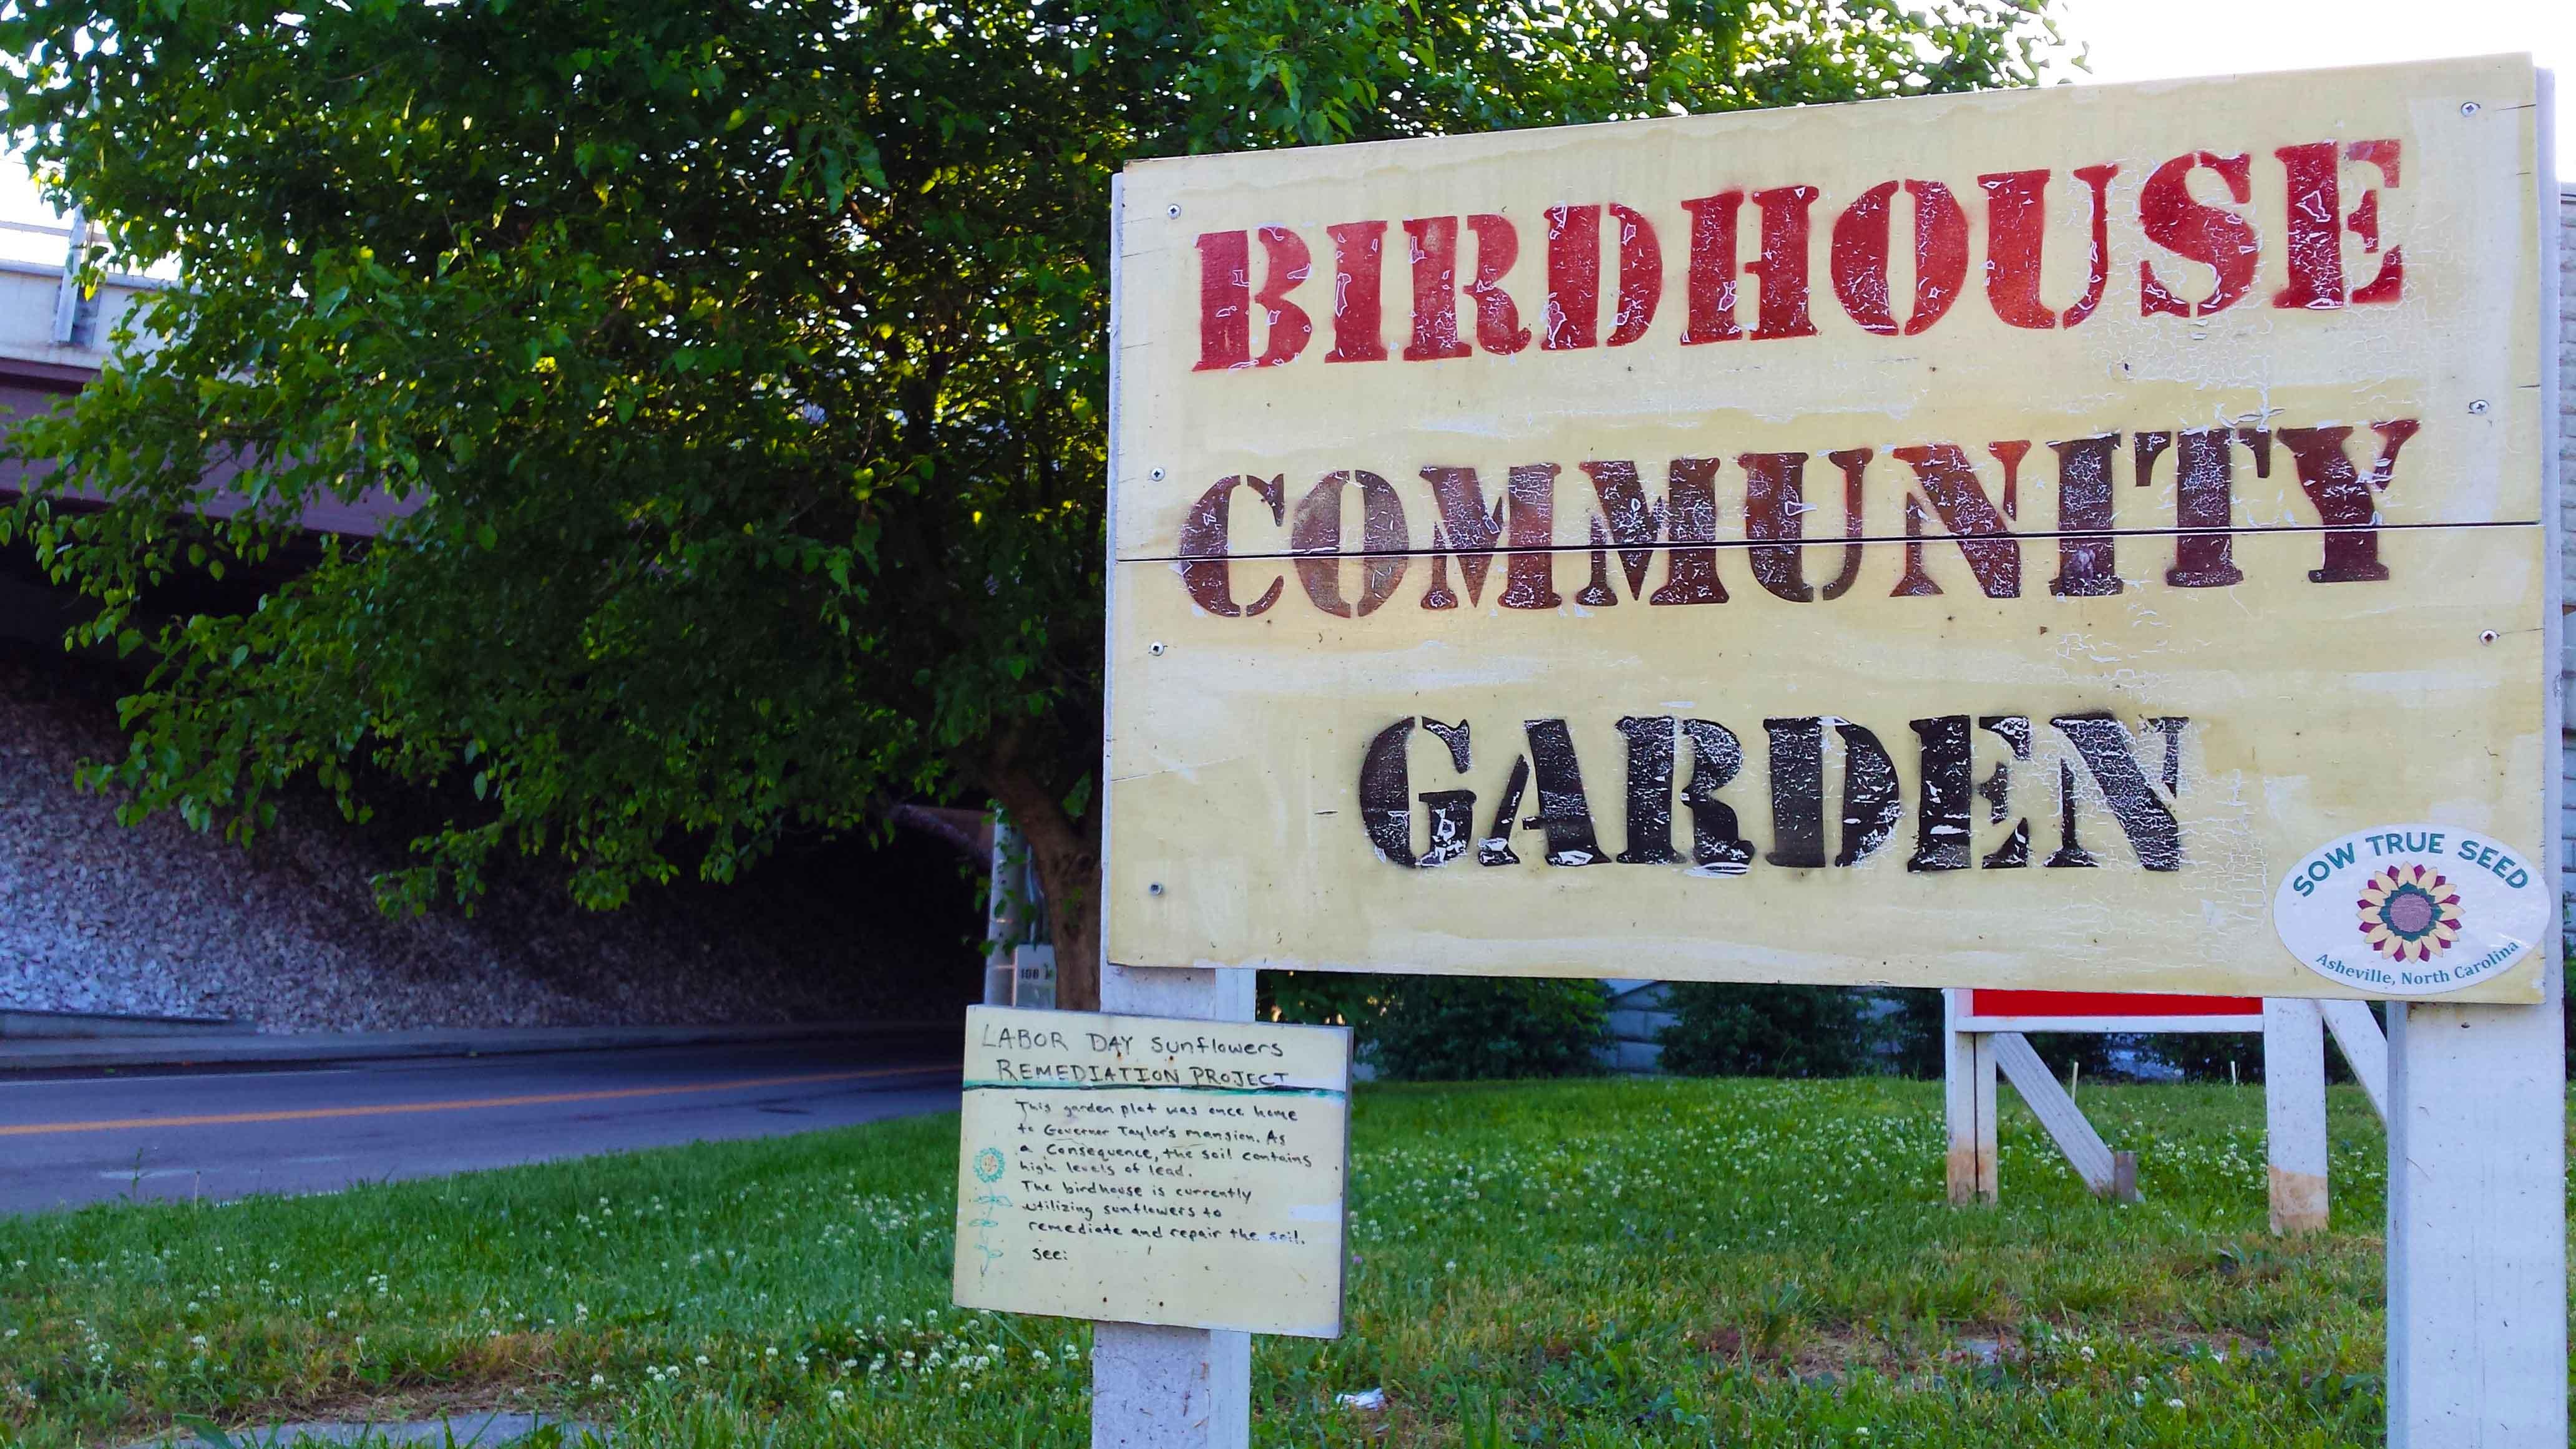 Birdhouse-Community-Garden-051715